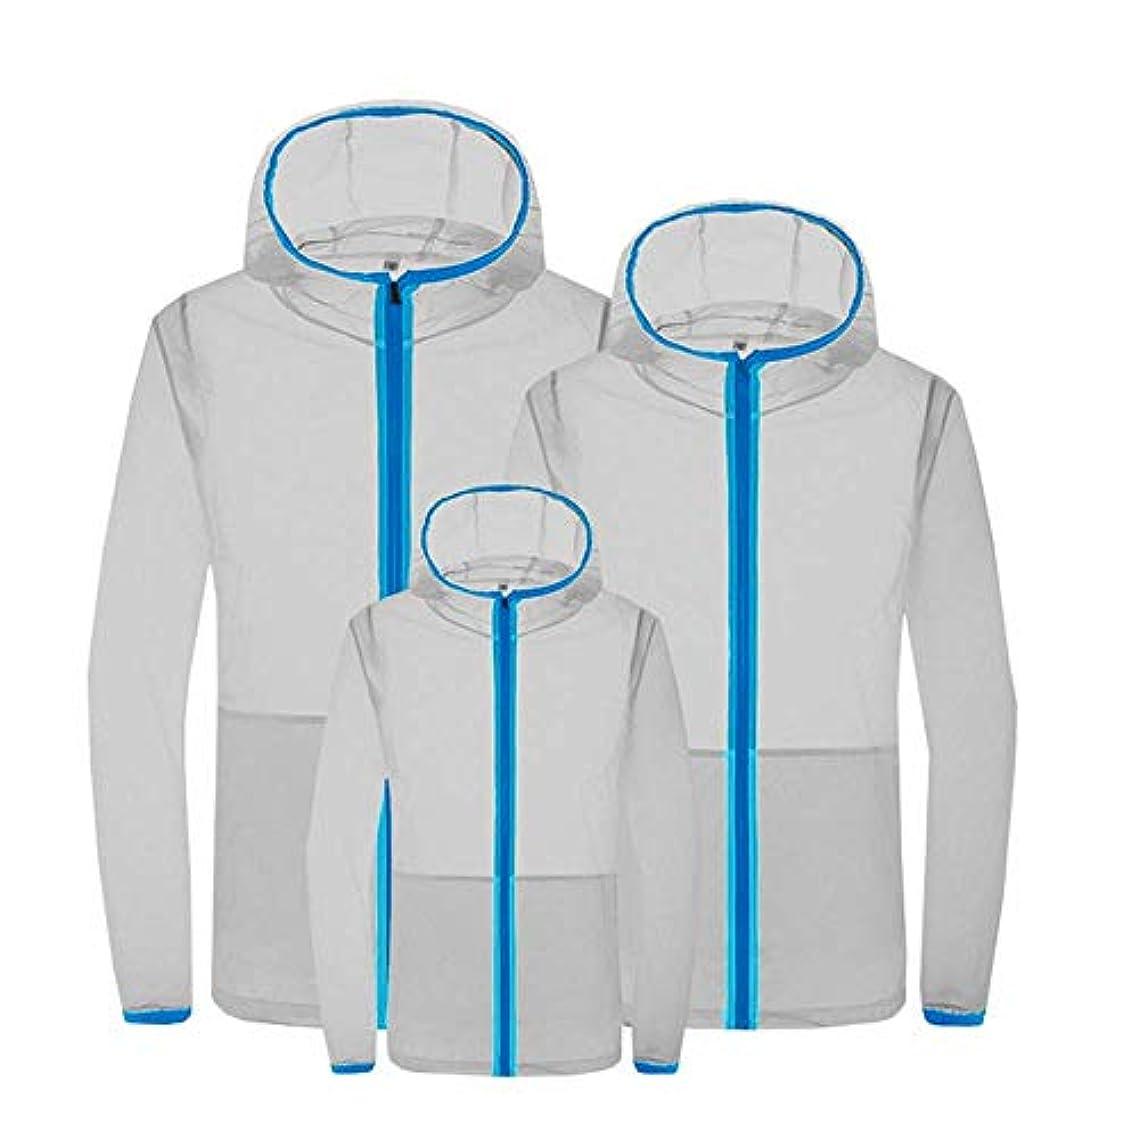 行く遵守するターミナル夏のエアコンスーツスマート3速冷却スーツ日焼け防止服防滴防蚊服ファン冷却肌の服,Gray,S